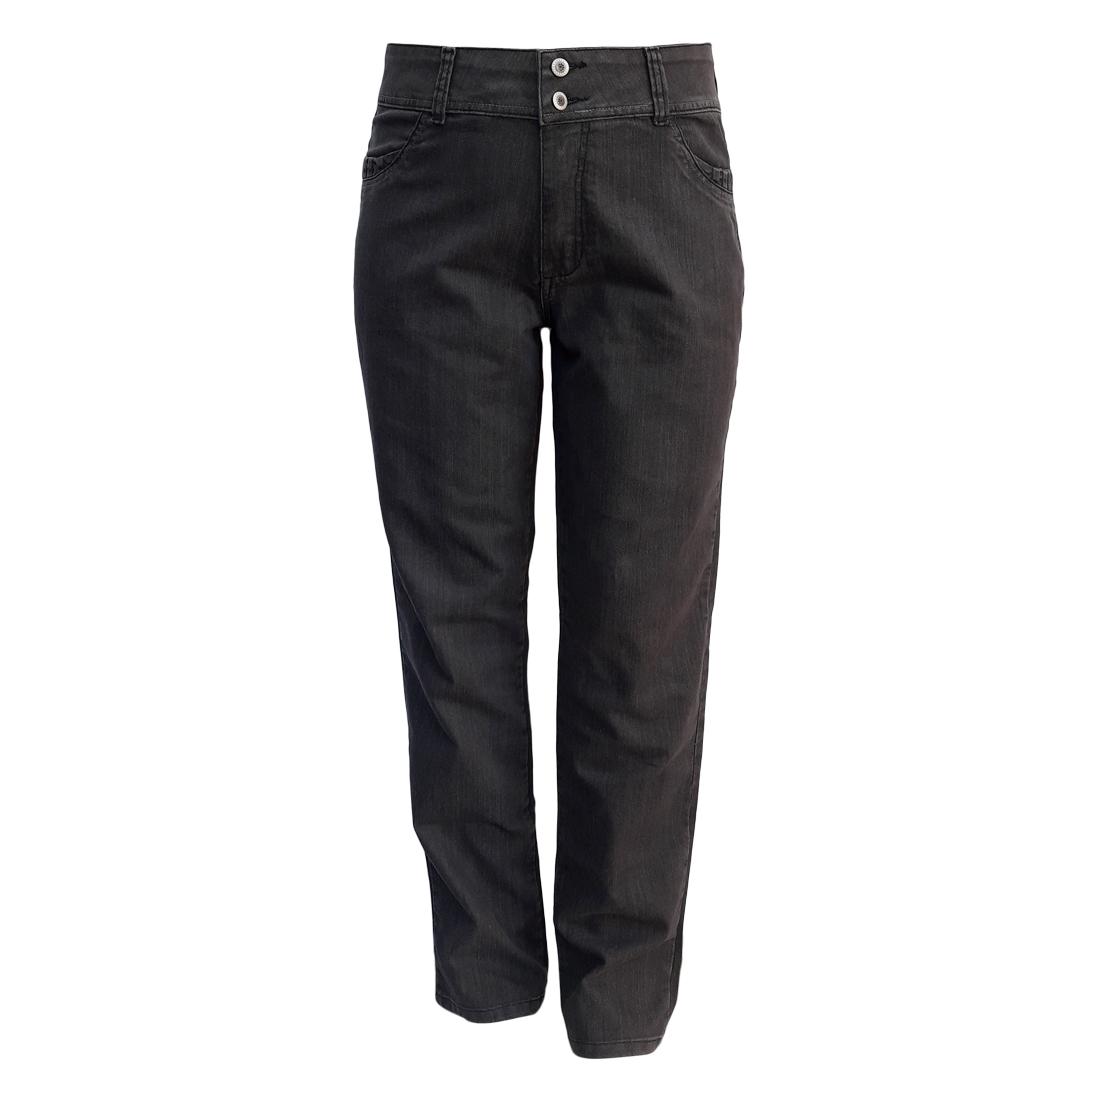 Calça Jeans Feminina Cintura Alta Ref 92 Plus Size